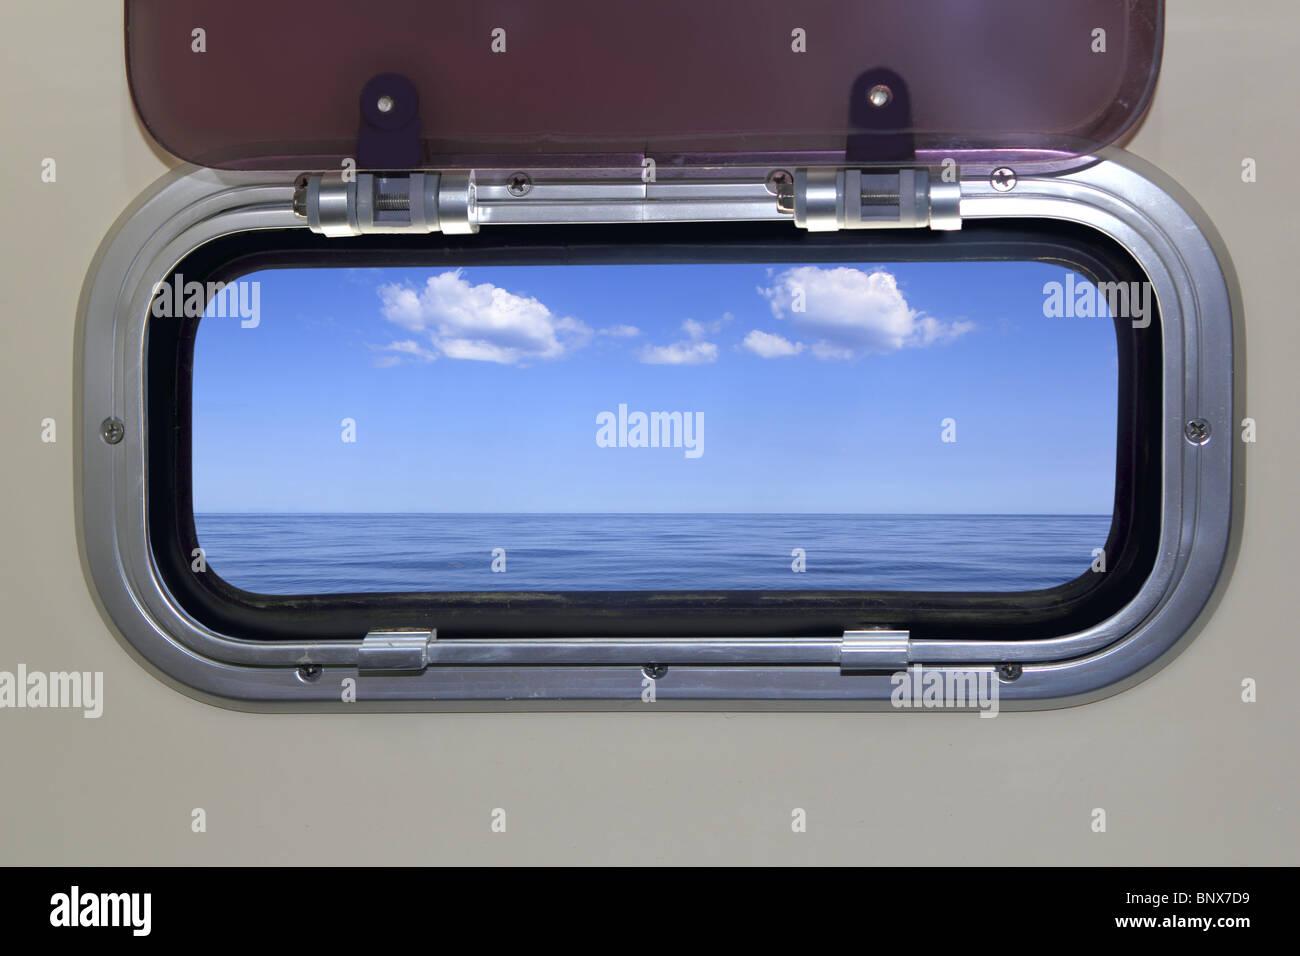 Porthole immagini porthole fotos stock alamy - Riflesso stucco a specchio ...